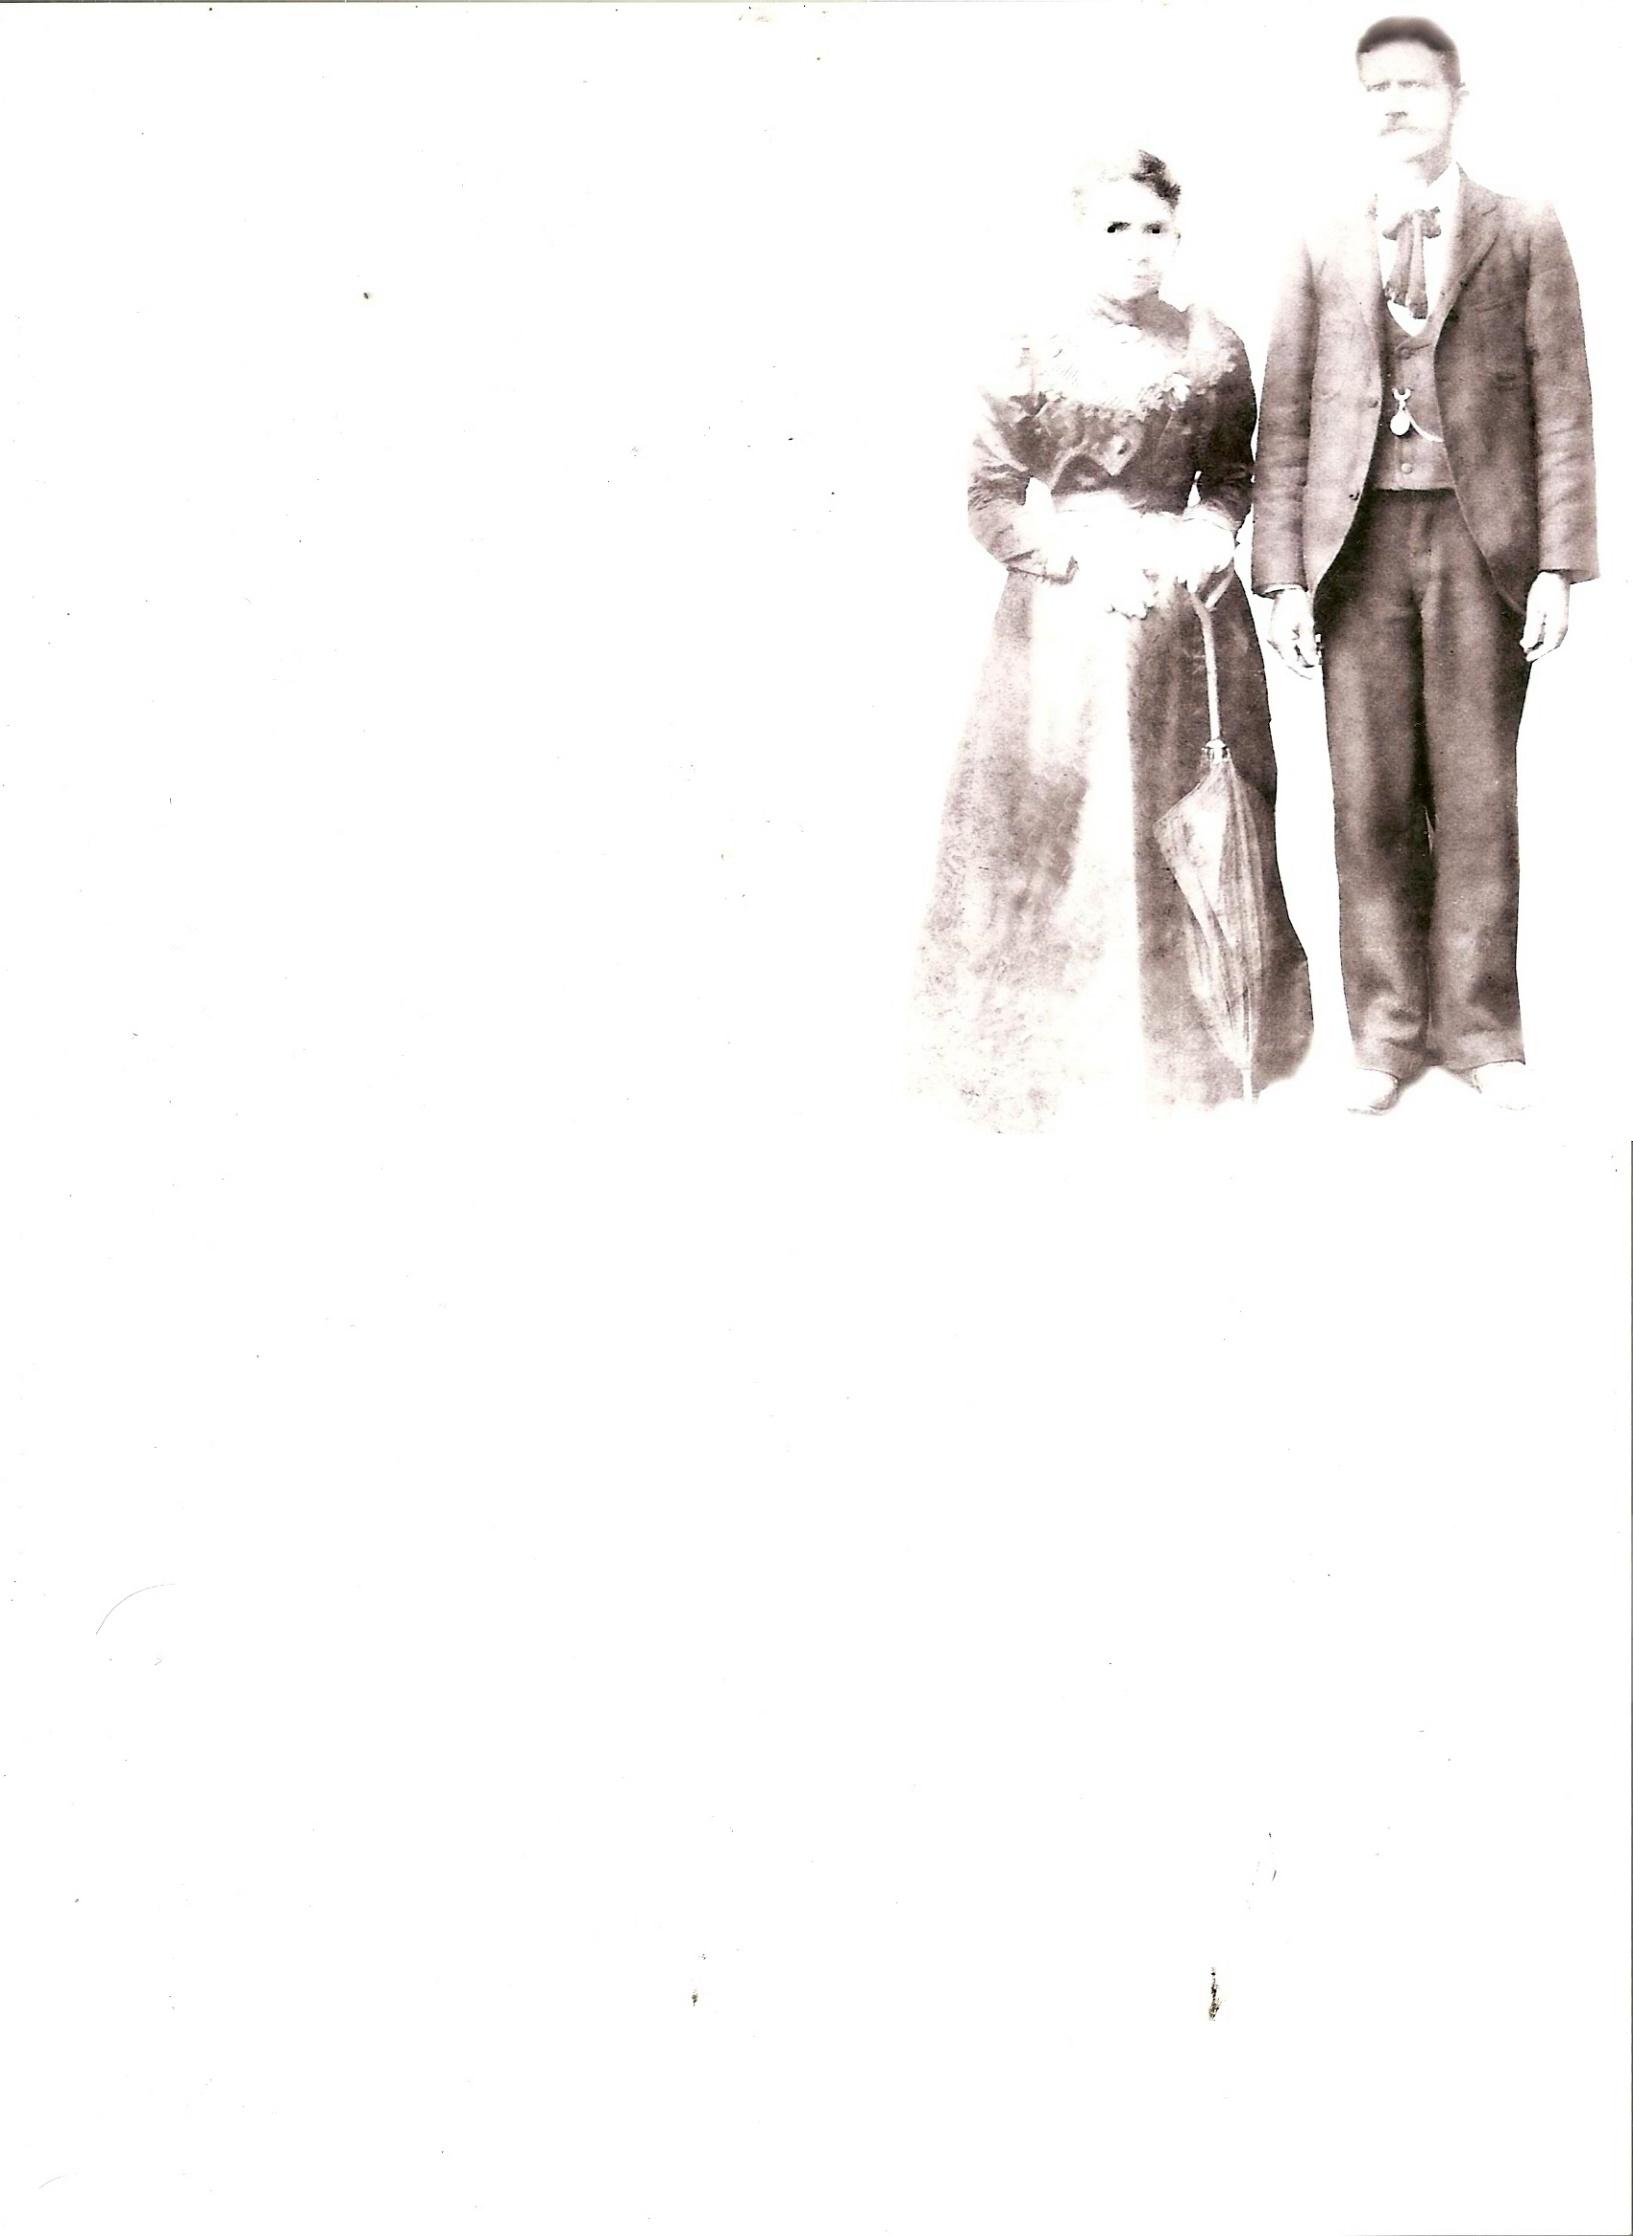 Maria Salome e Peçanha